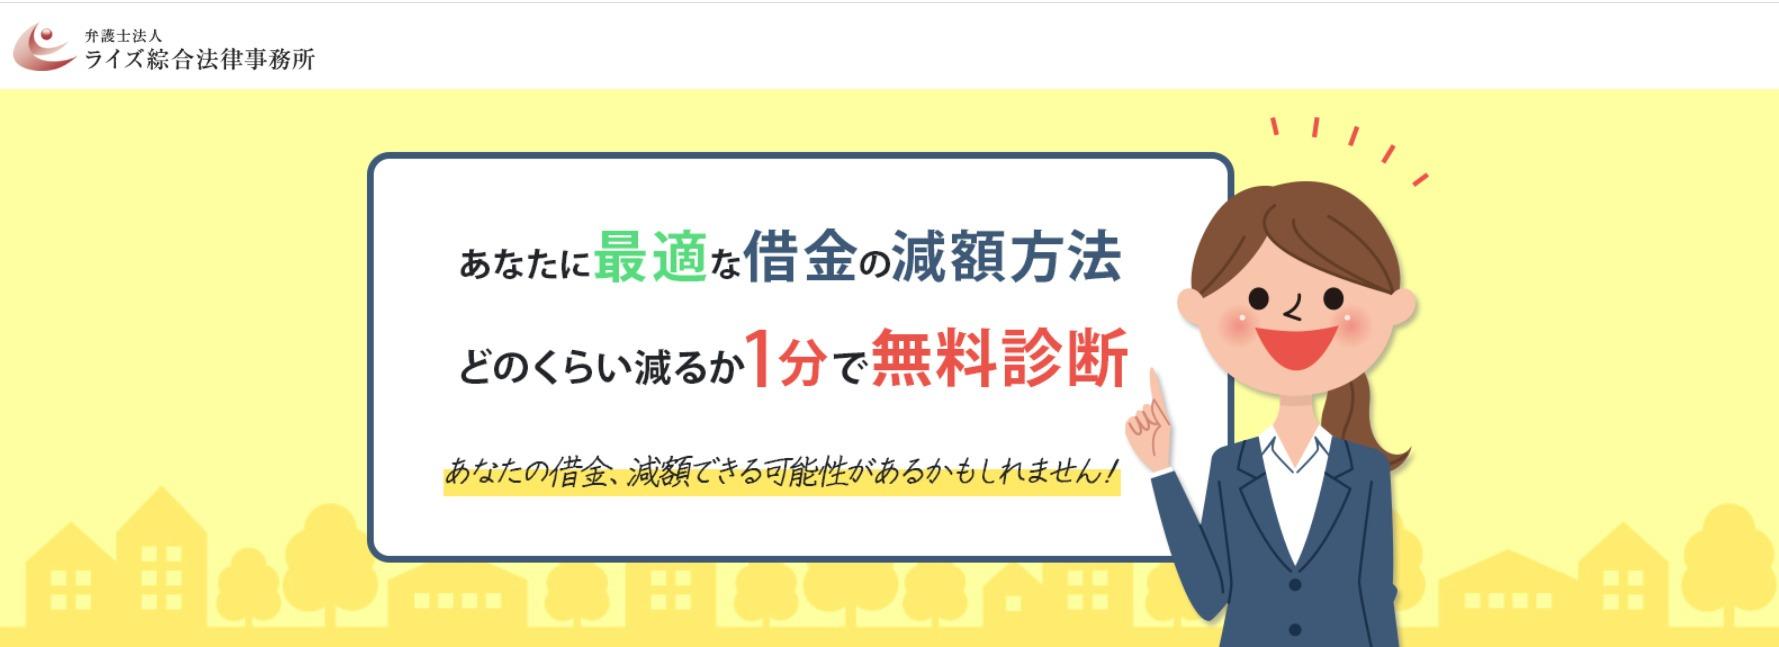 過払い金 相談 評判_ライズ綜合法律事務所